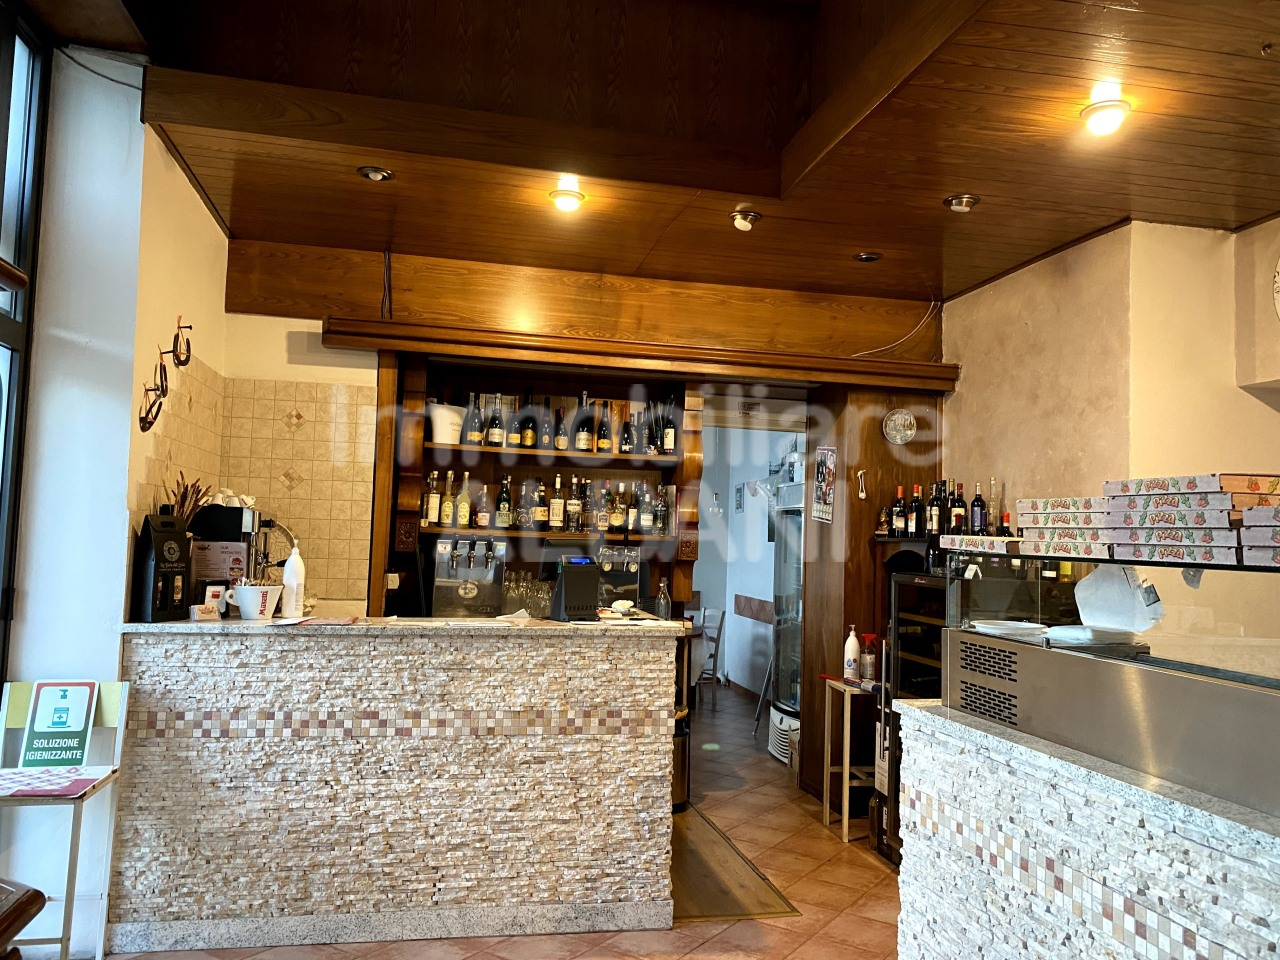 Ristorante / Pizzeria / Trattoria in vendita a La Spezia, 5 locali, prezzo € 50.000 | PortaleAgenzieImmobiliari.it